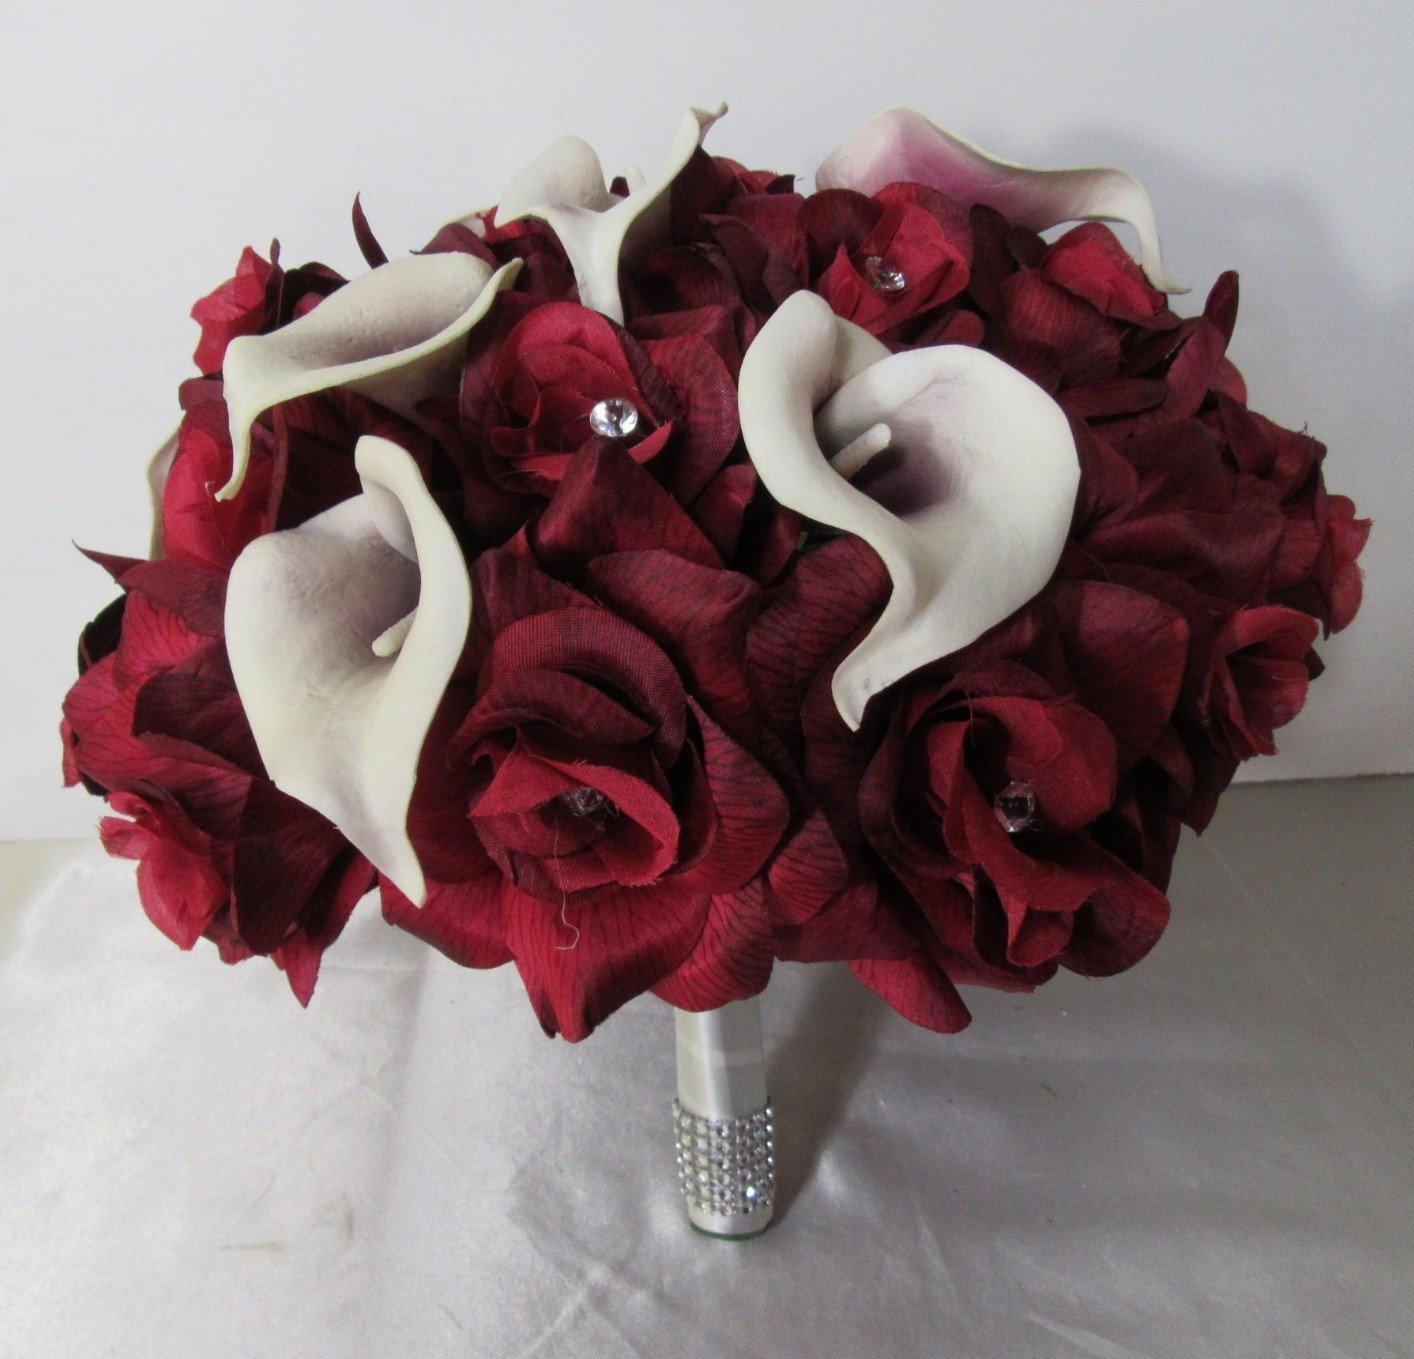 Burgundy Rhinestone Rose Calla Lily Bridal Wedding Bouquet & Boutonniere